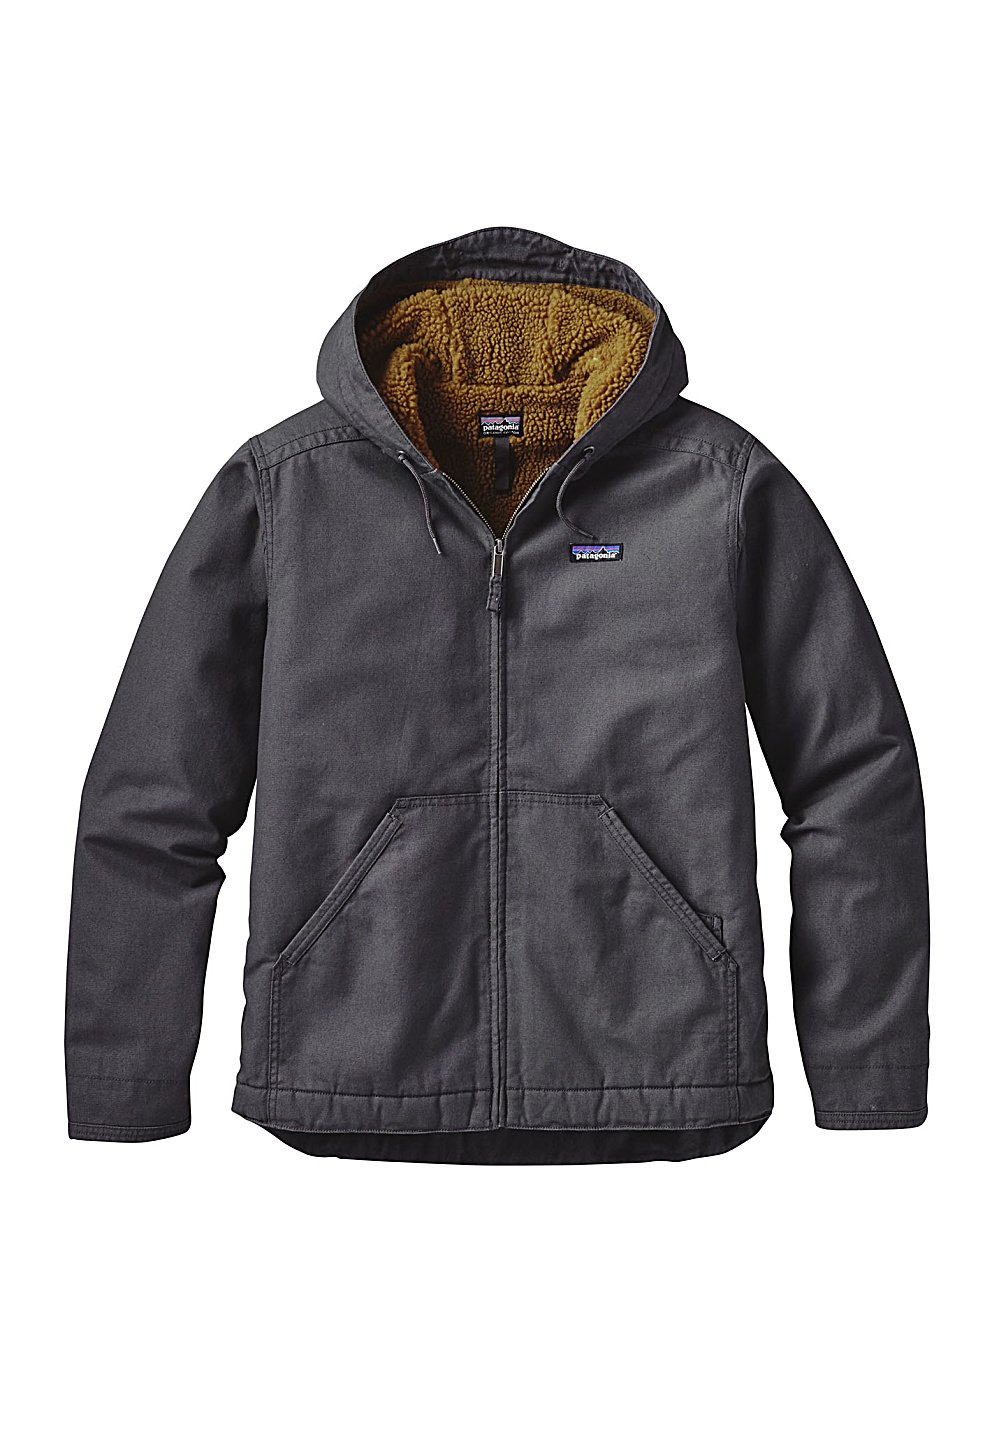 Patagonia Canvas Hoody Lined Jacket Men - Winterjacke